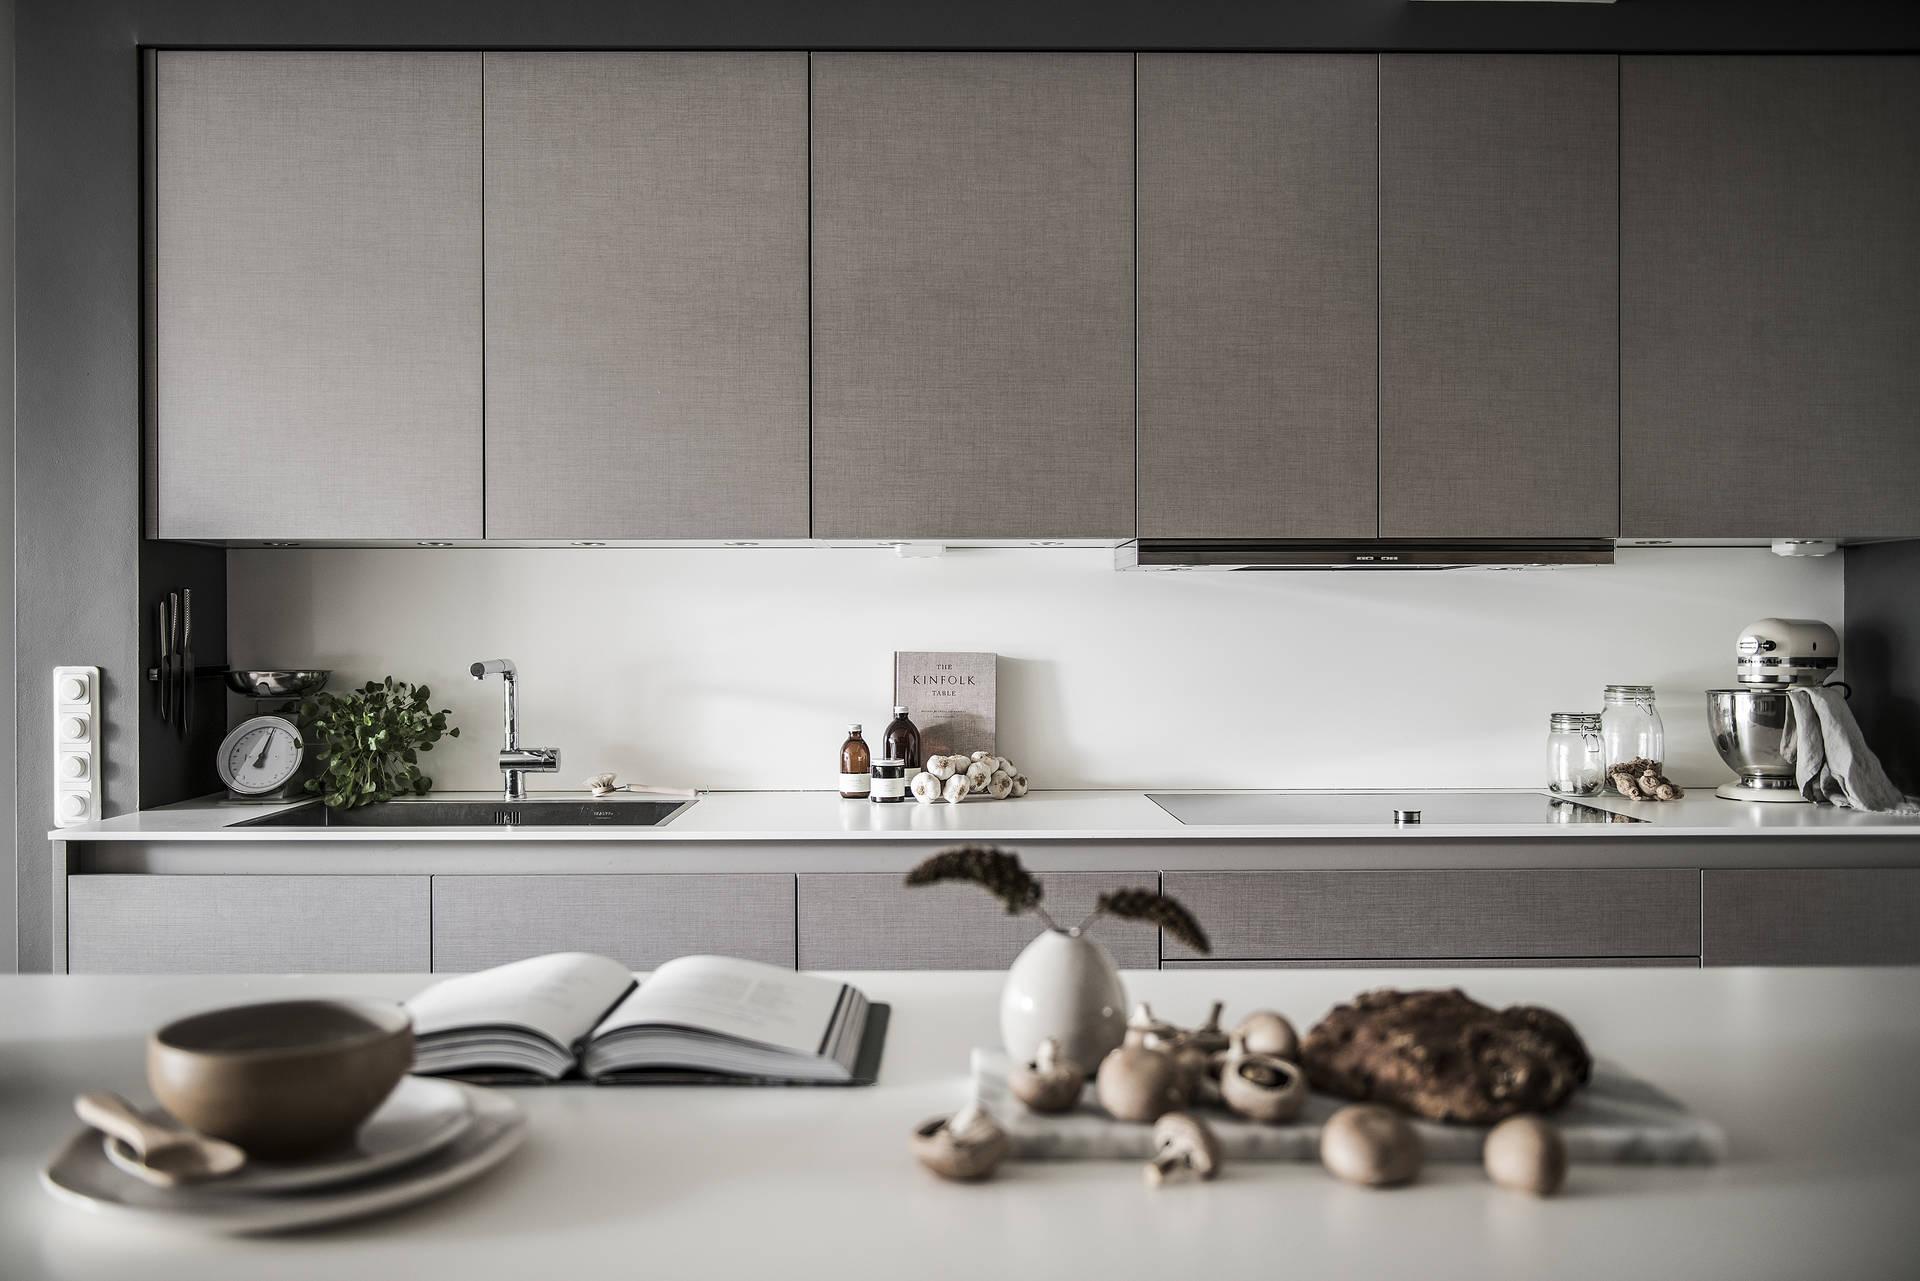 кухонная мебель Binova столешница мойка смеситель варочная панель встроенная вытяжка